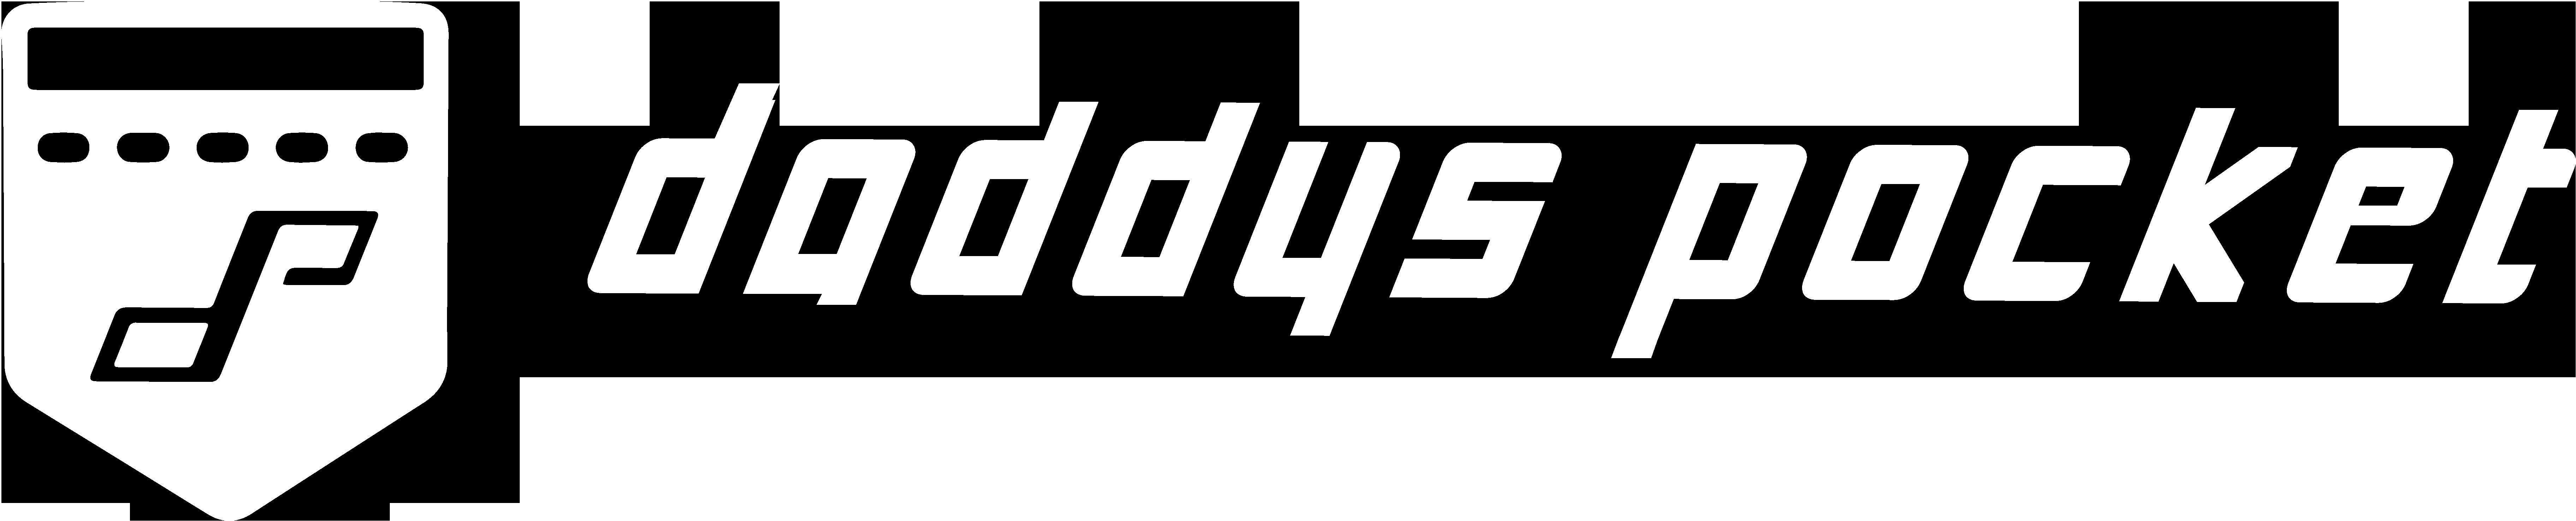 DaddysPocket Logo